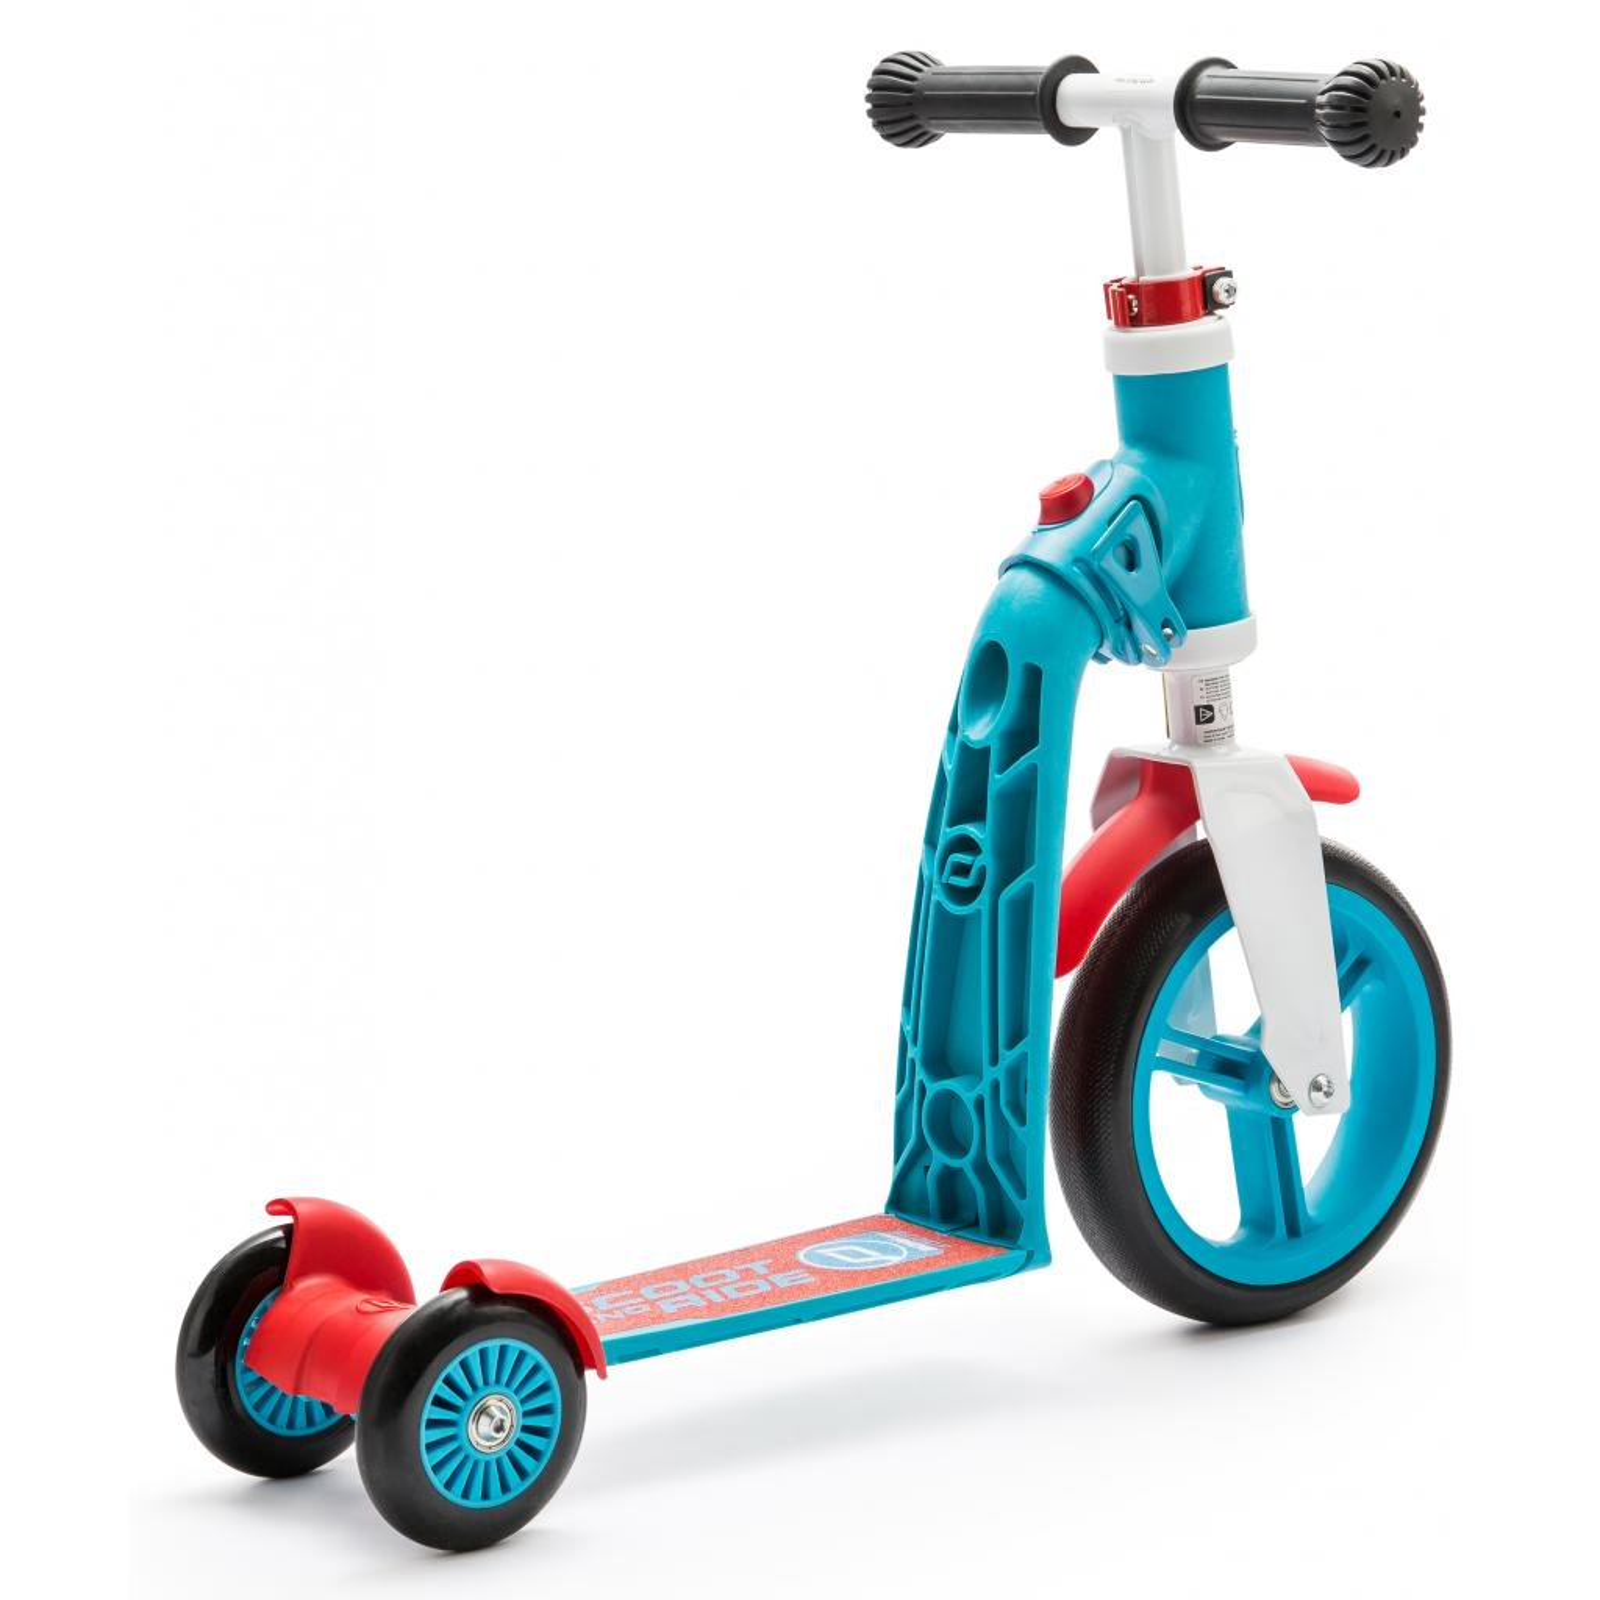 Самокат Scoot&Ride Highwaybaby+ сине-красный (SR-216272-BLUE-RED) изображение 3